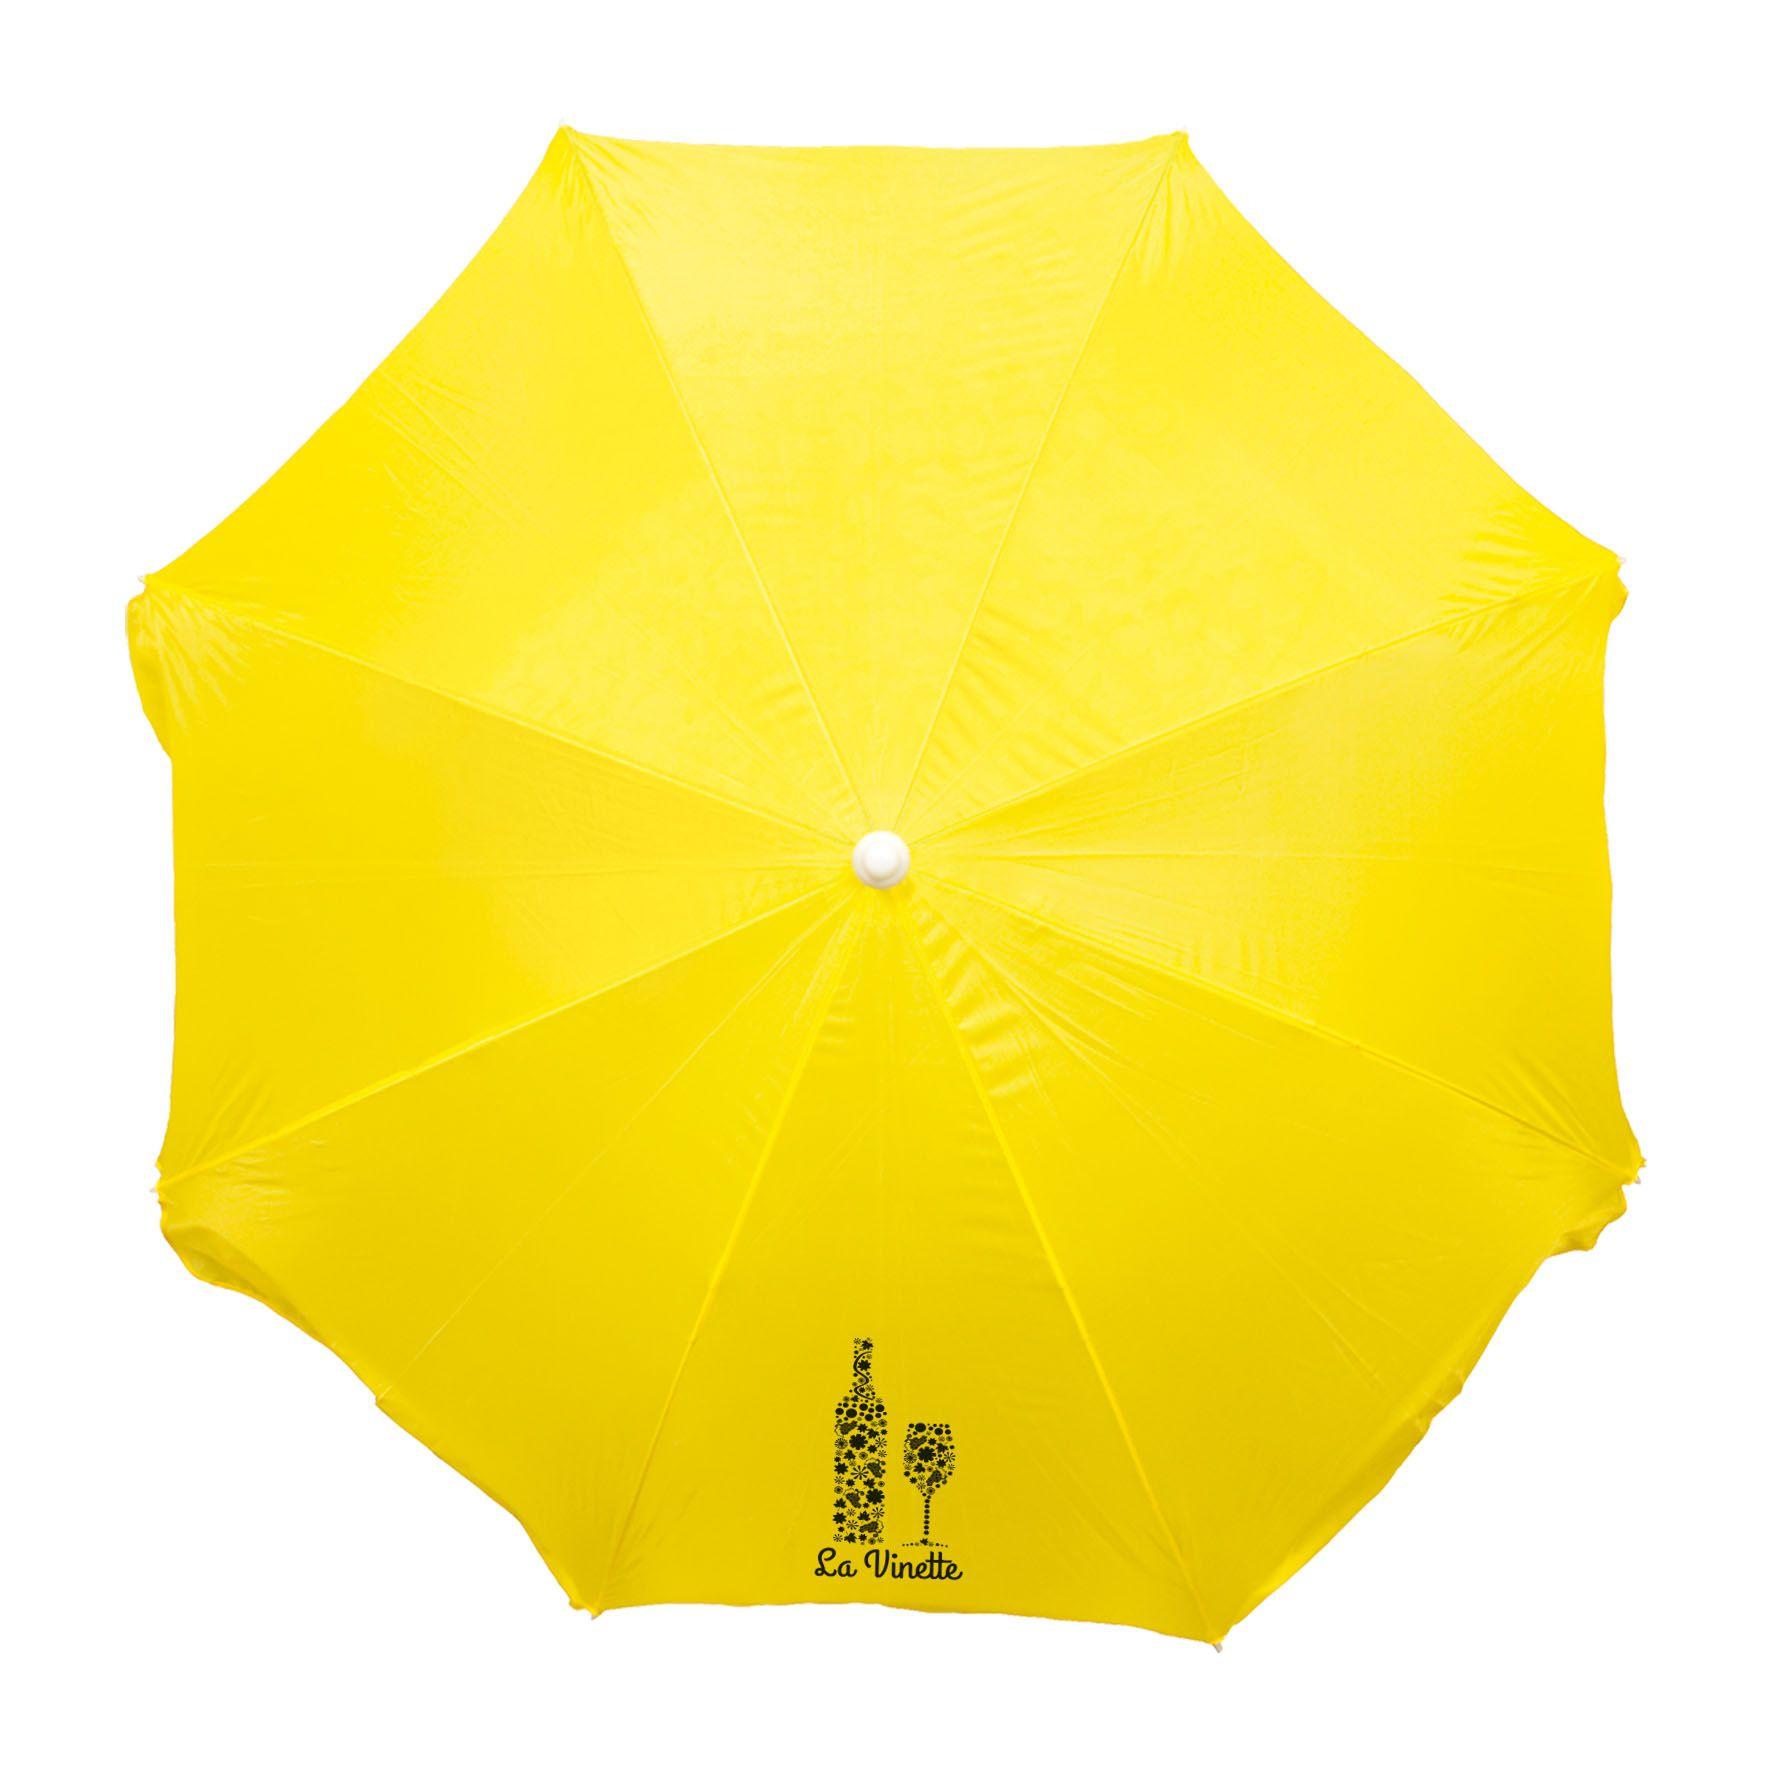 Cadeau publicitaire - Parasol publicitaire Plein Soleil